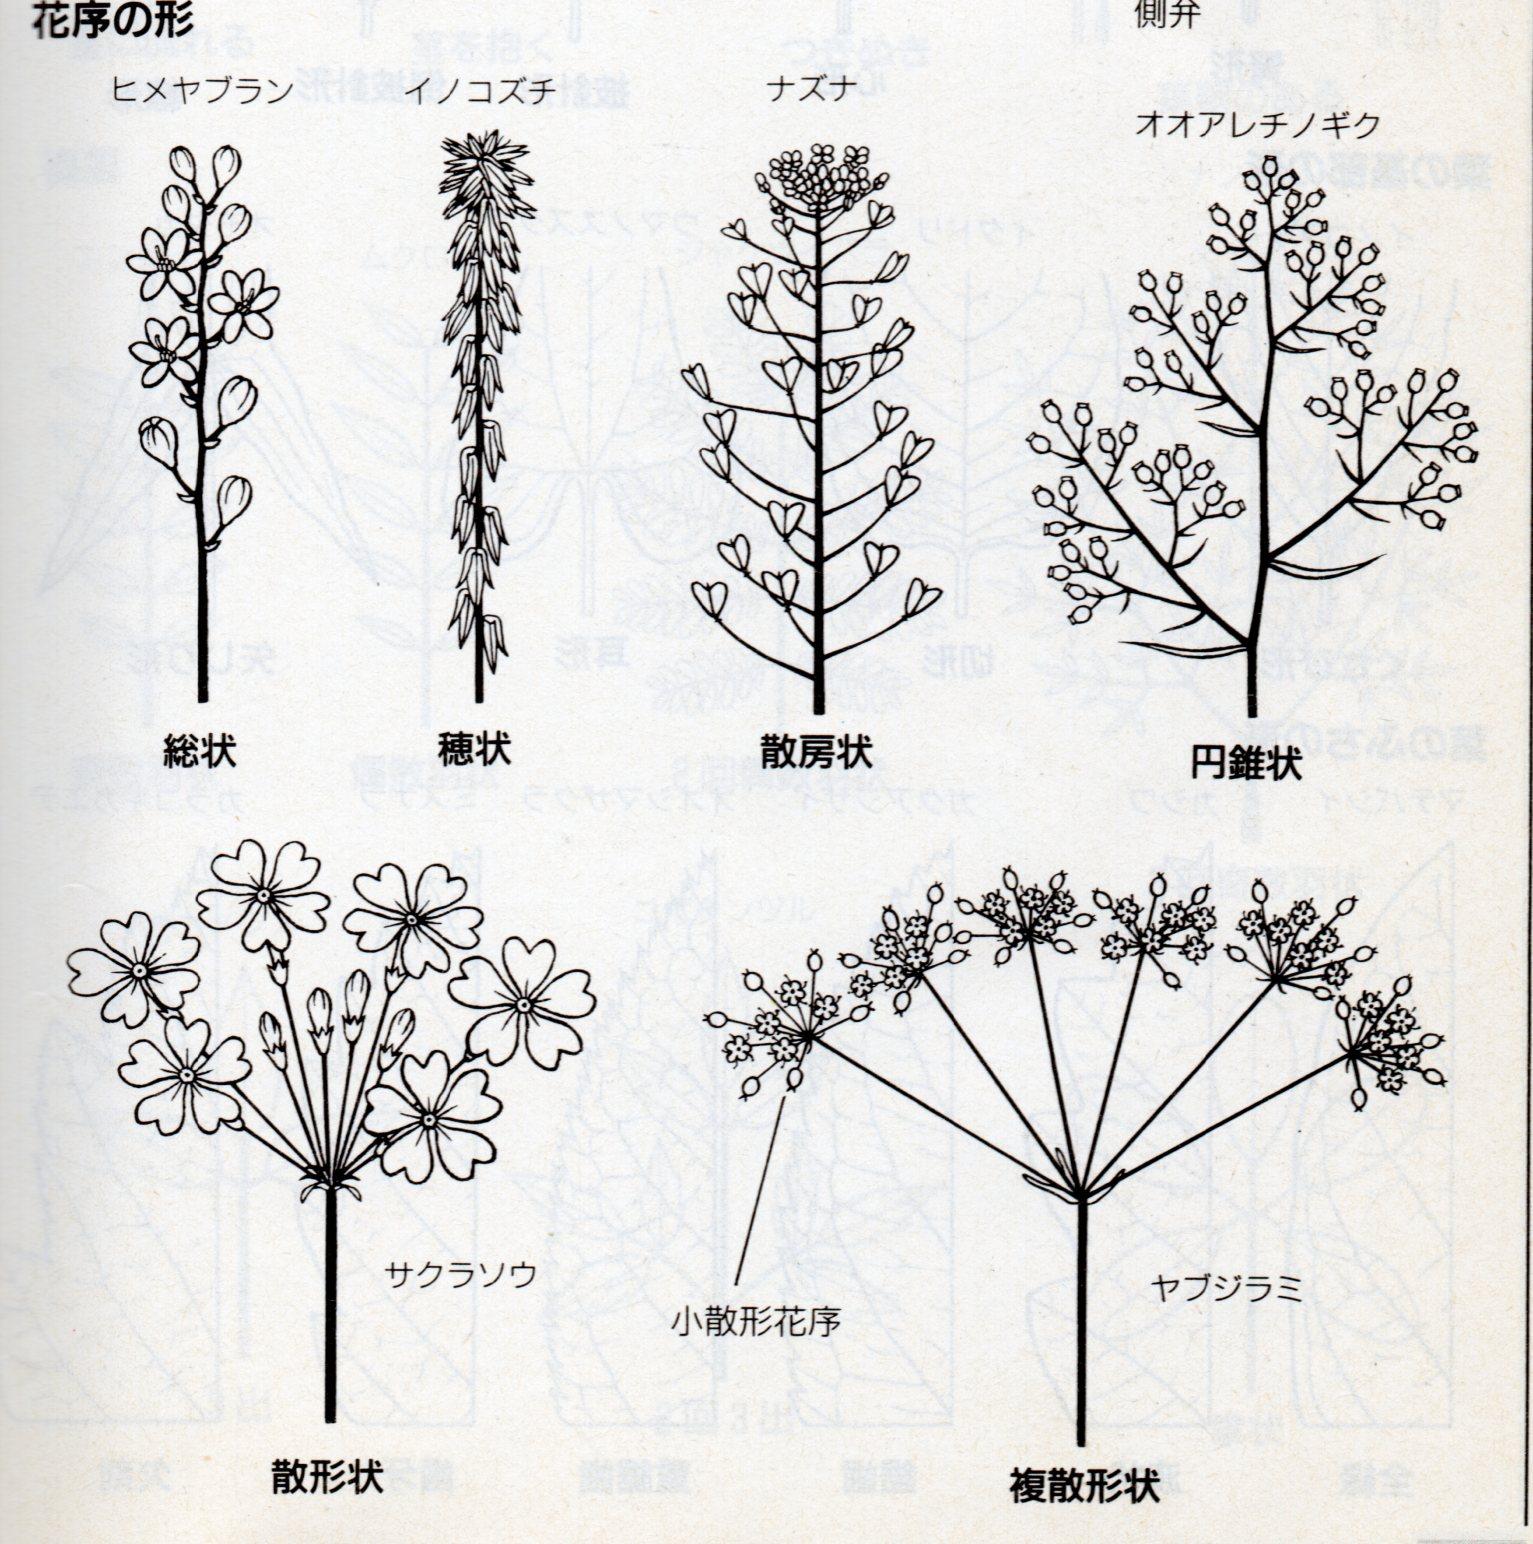 花序の形010